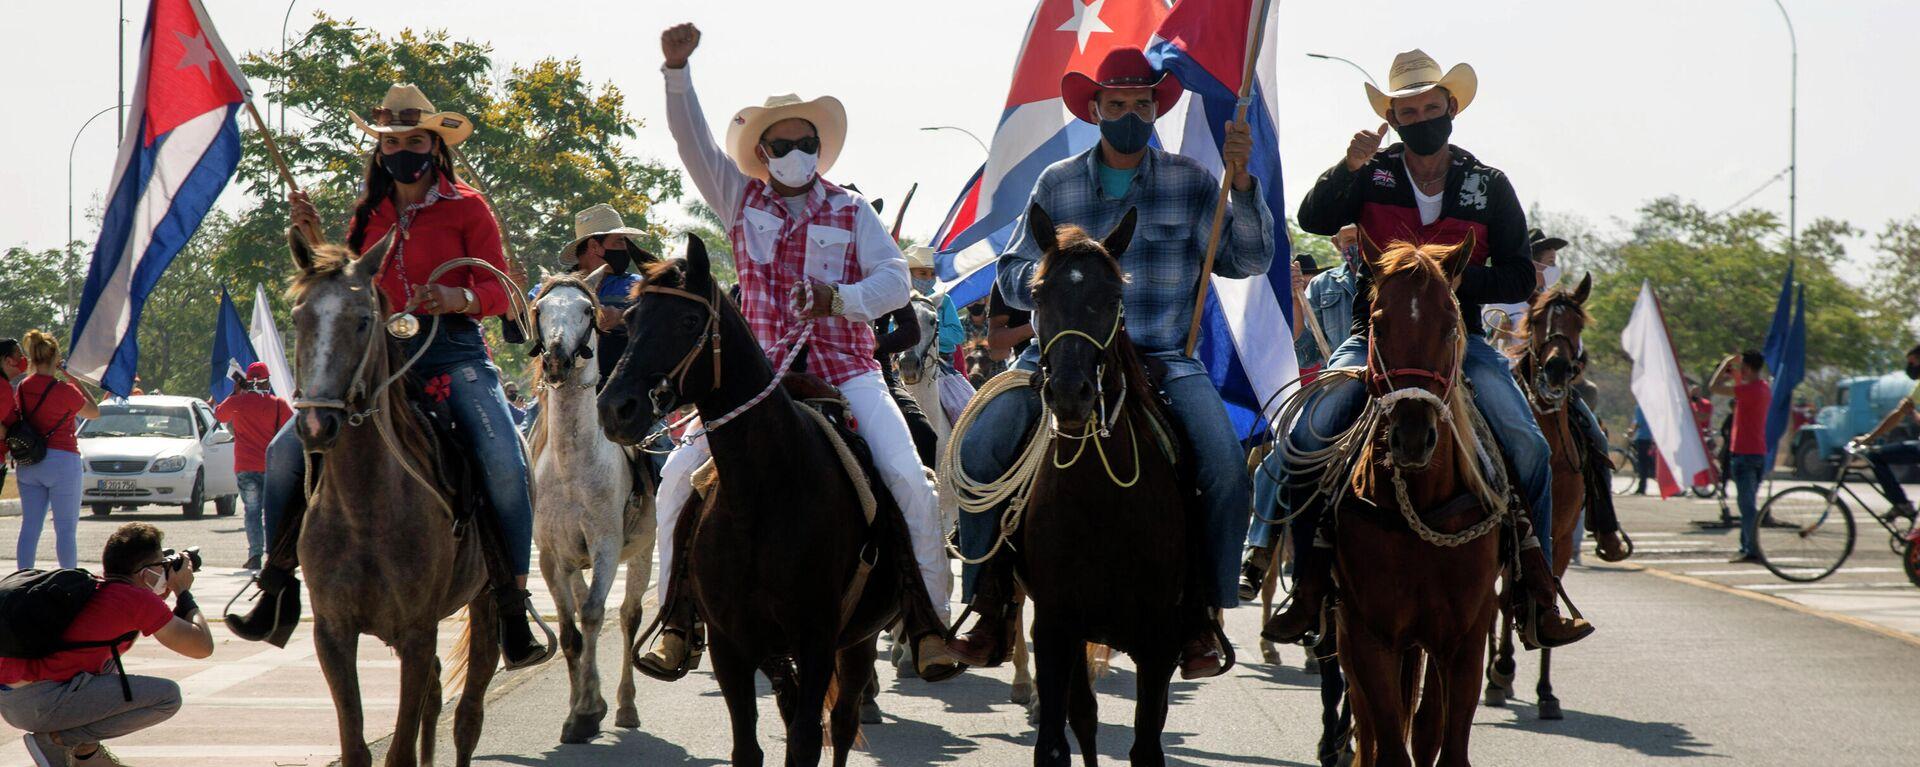 La manifestación contra el bloqueo de EEUU en Santa Clara, Cuba - Sputnik Mundo, 1920, 26.04.2021